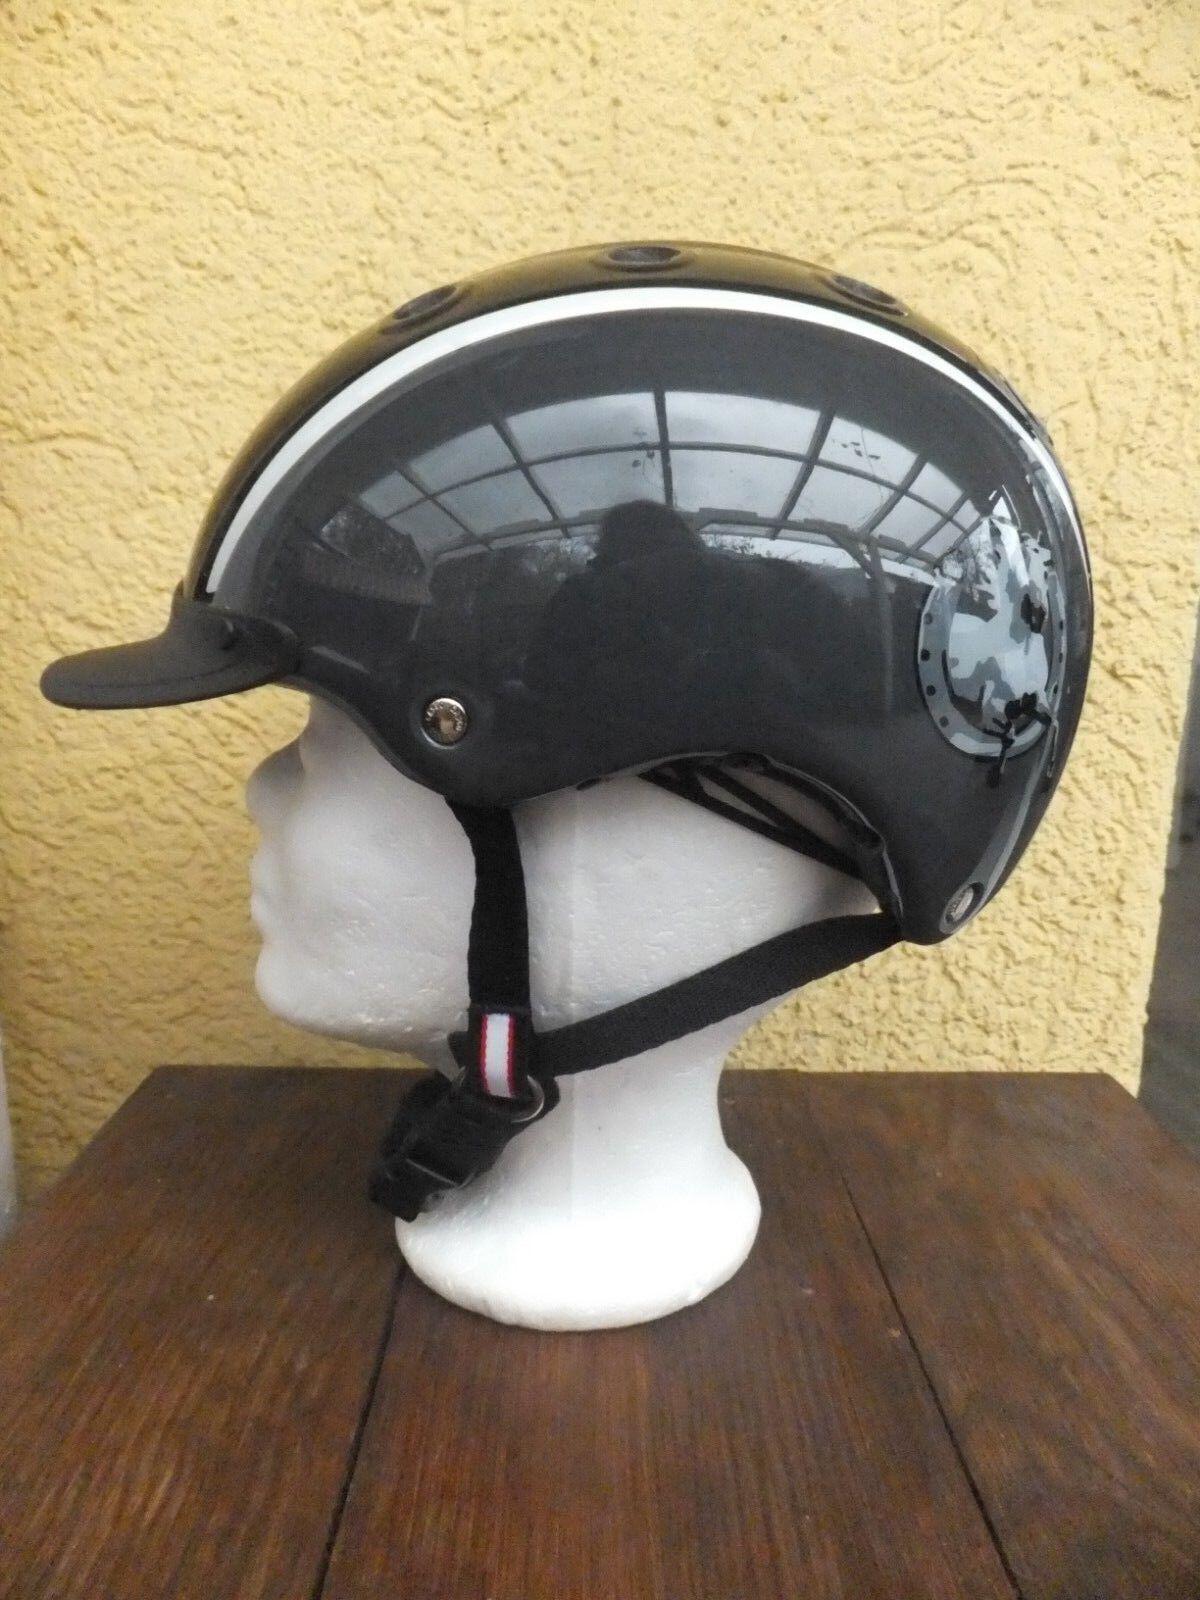 nuevas  casco nori herradura negro reithelm modelo 2018 con vg1.01 sello  colores increíbles